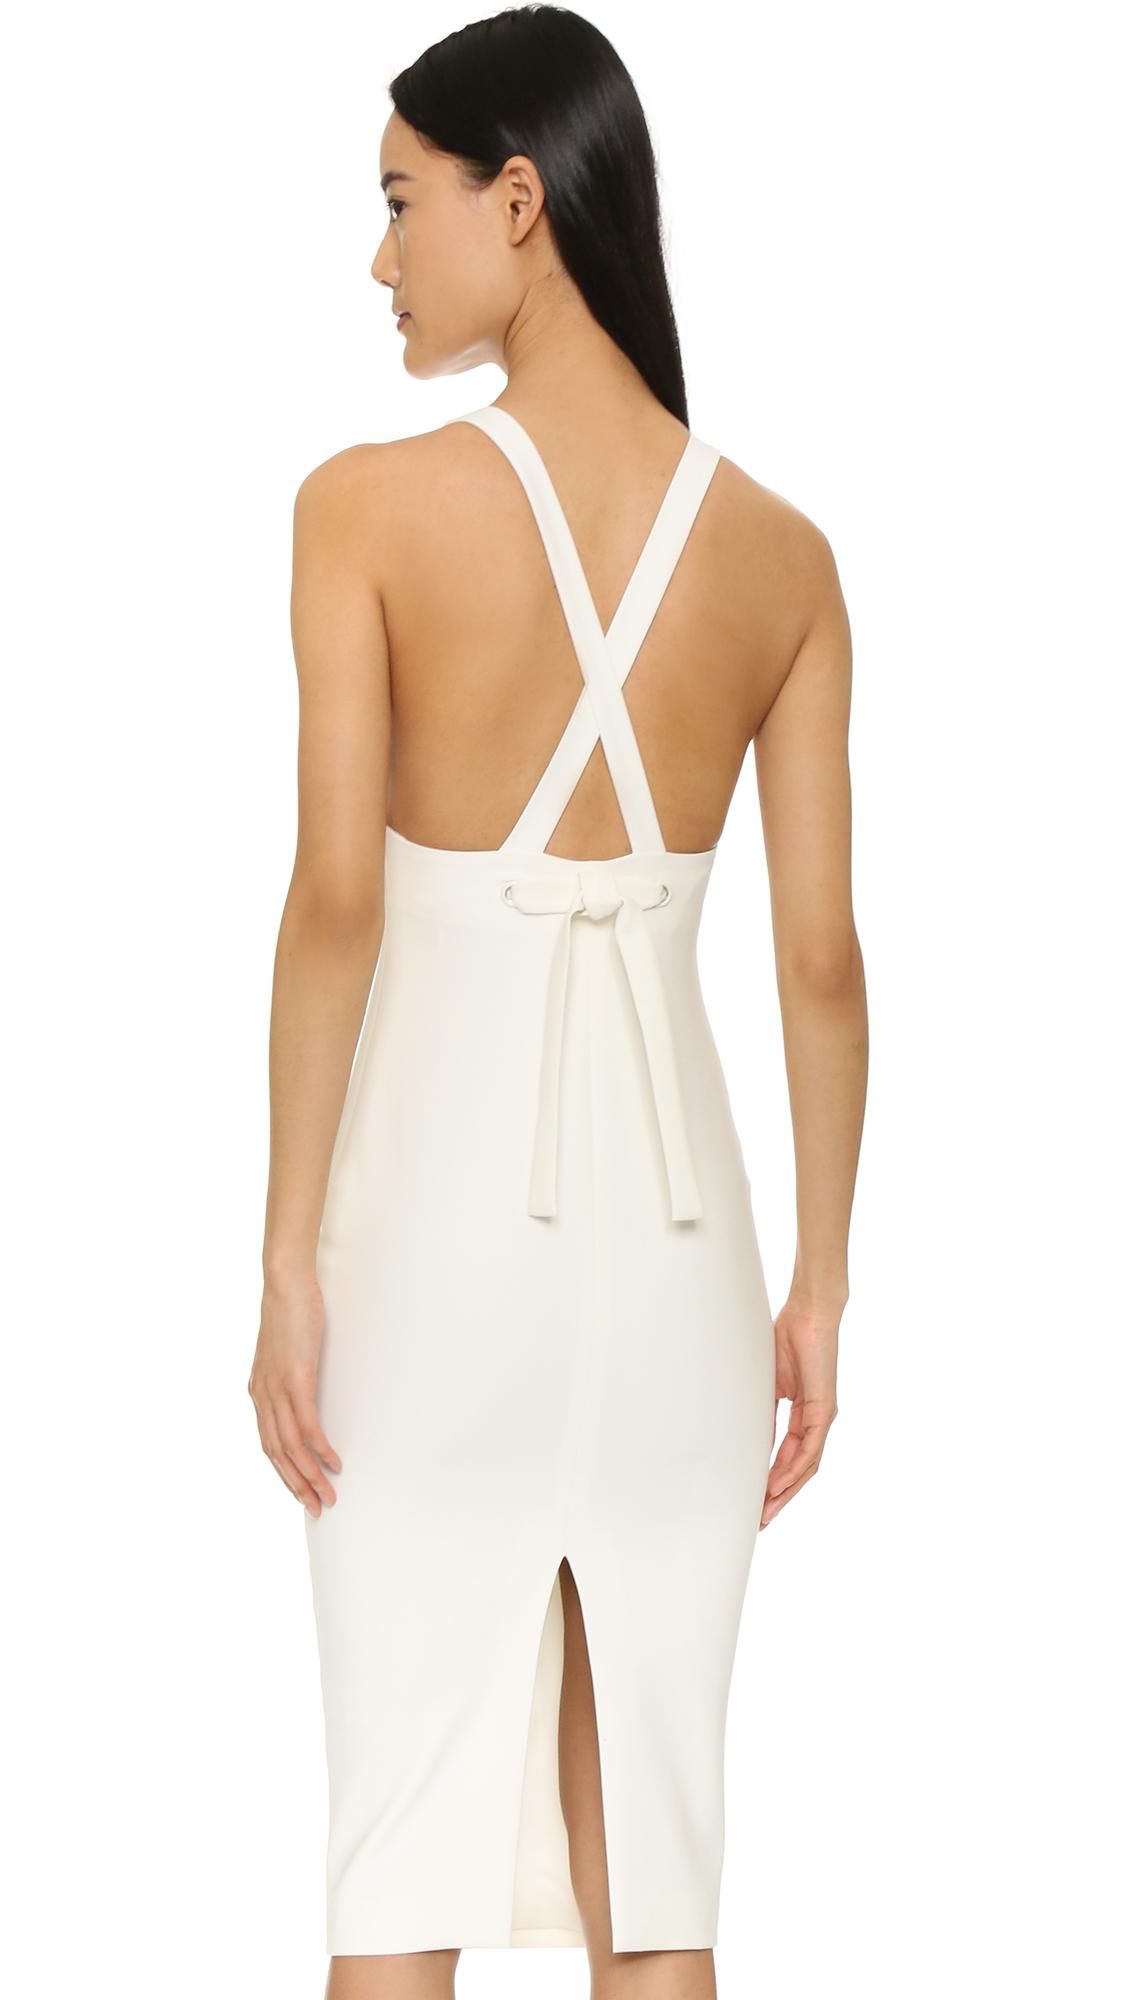 lyst elizabeth and james darla dress in white. Black Bedroom Furniture Sets. Home Design Ideas